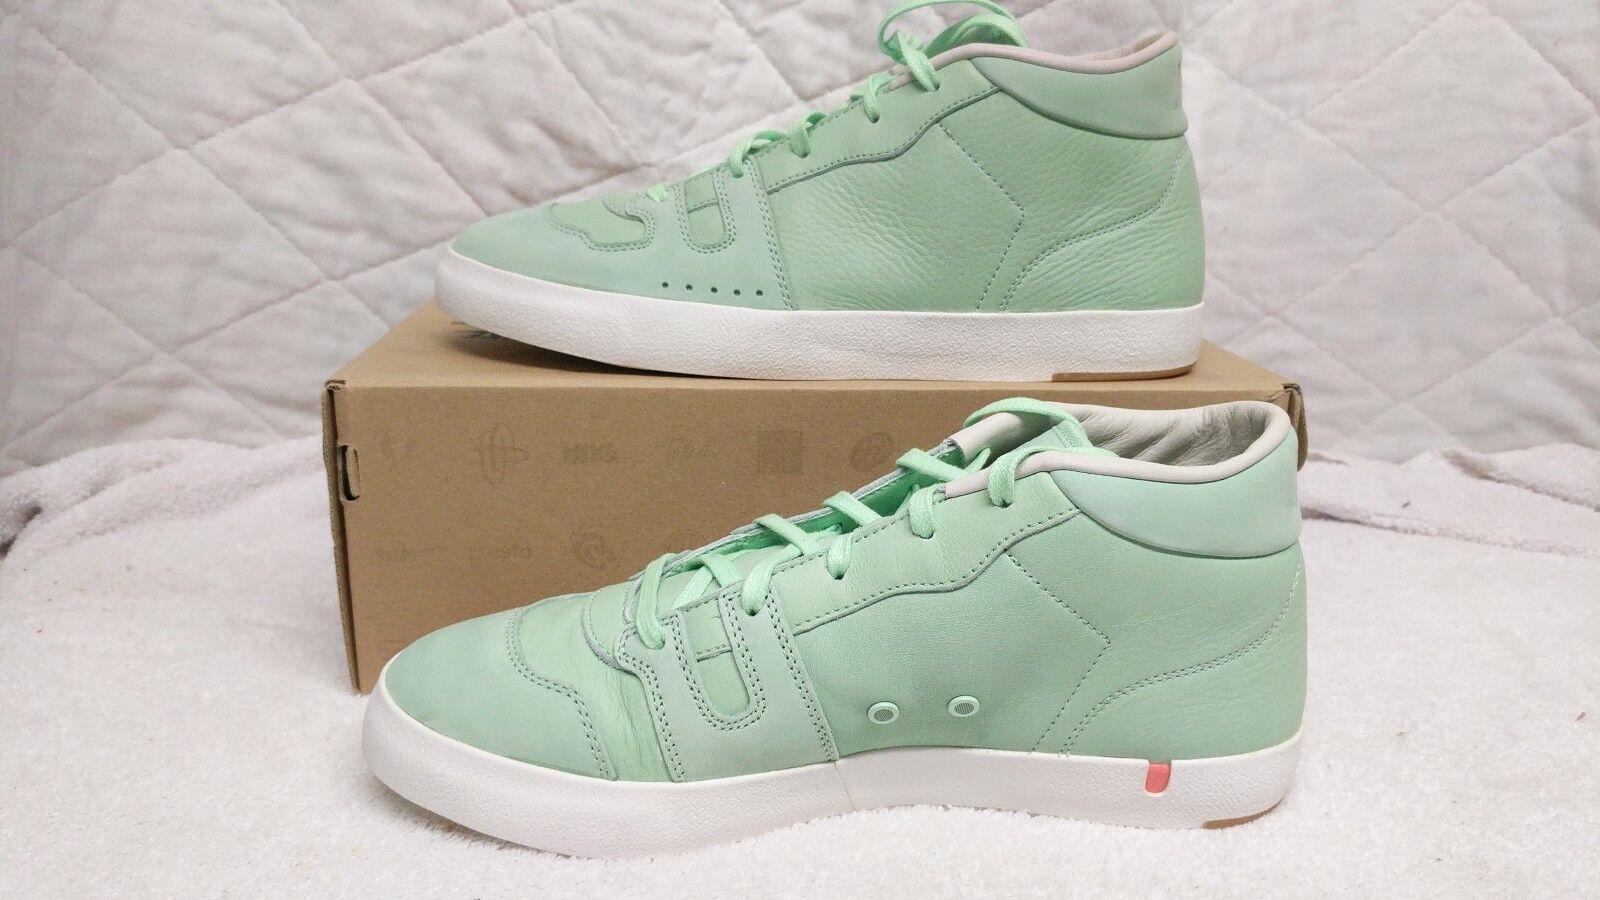 Premio nike maniero del nuovo galles del sud 515018-300 pelle verde Uomota Uomo casual scarpe taglia 9